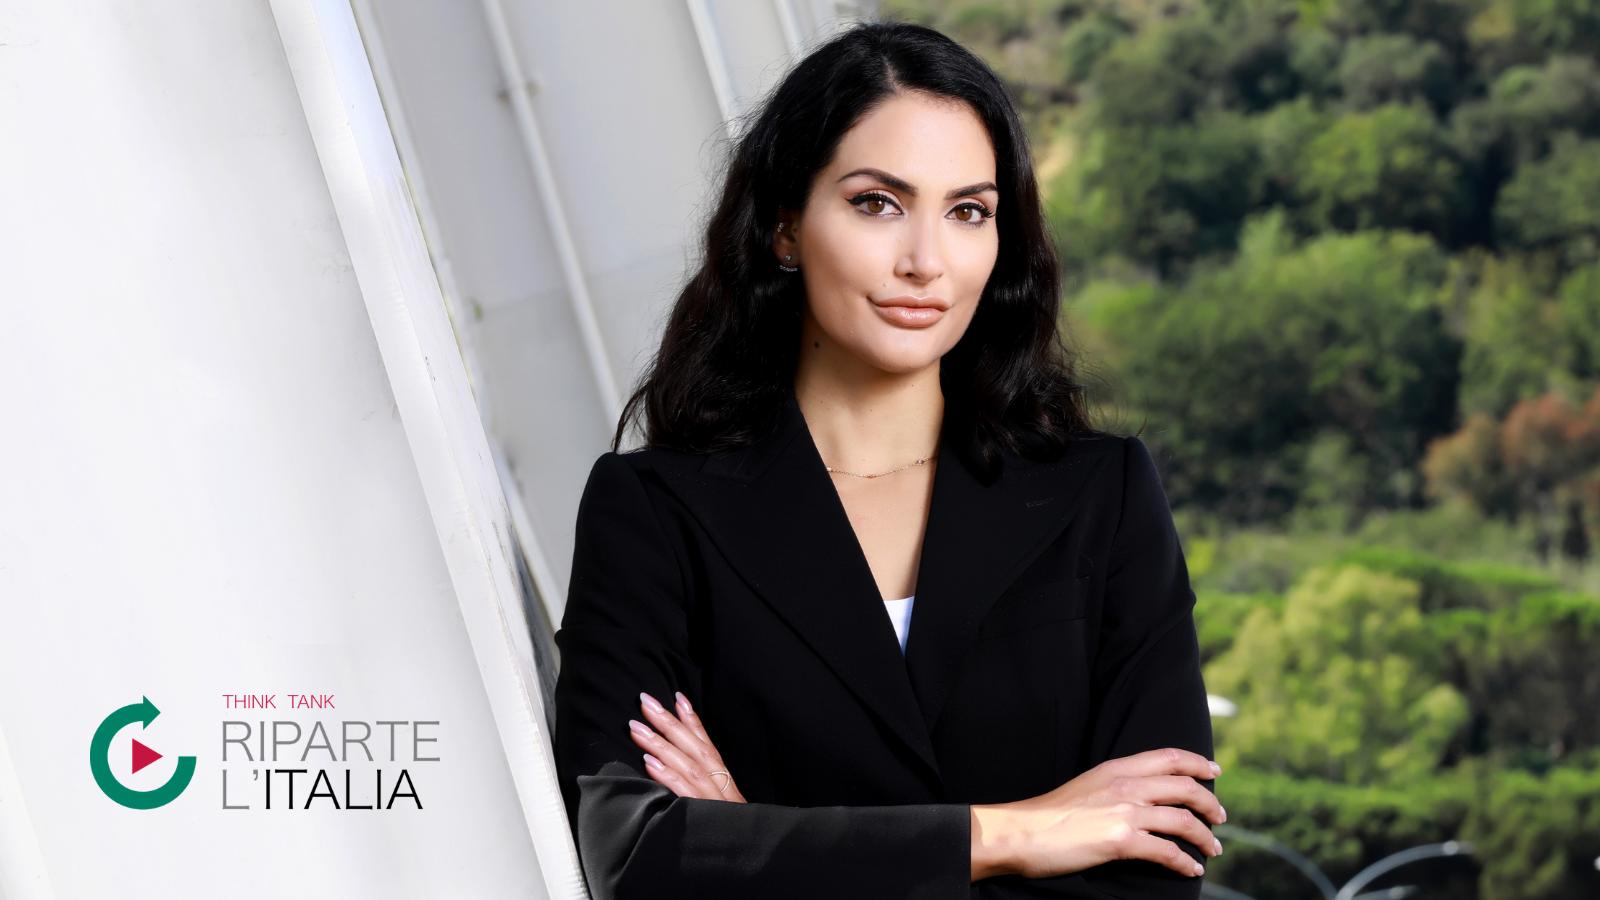 Angelica Donati entra nell'Osservatorio Riparte l'Italia